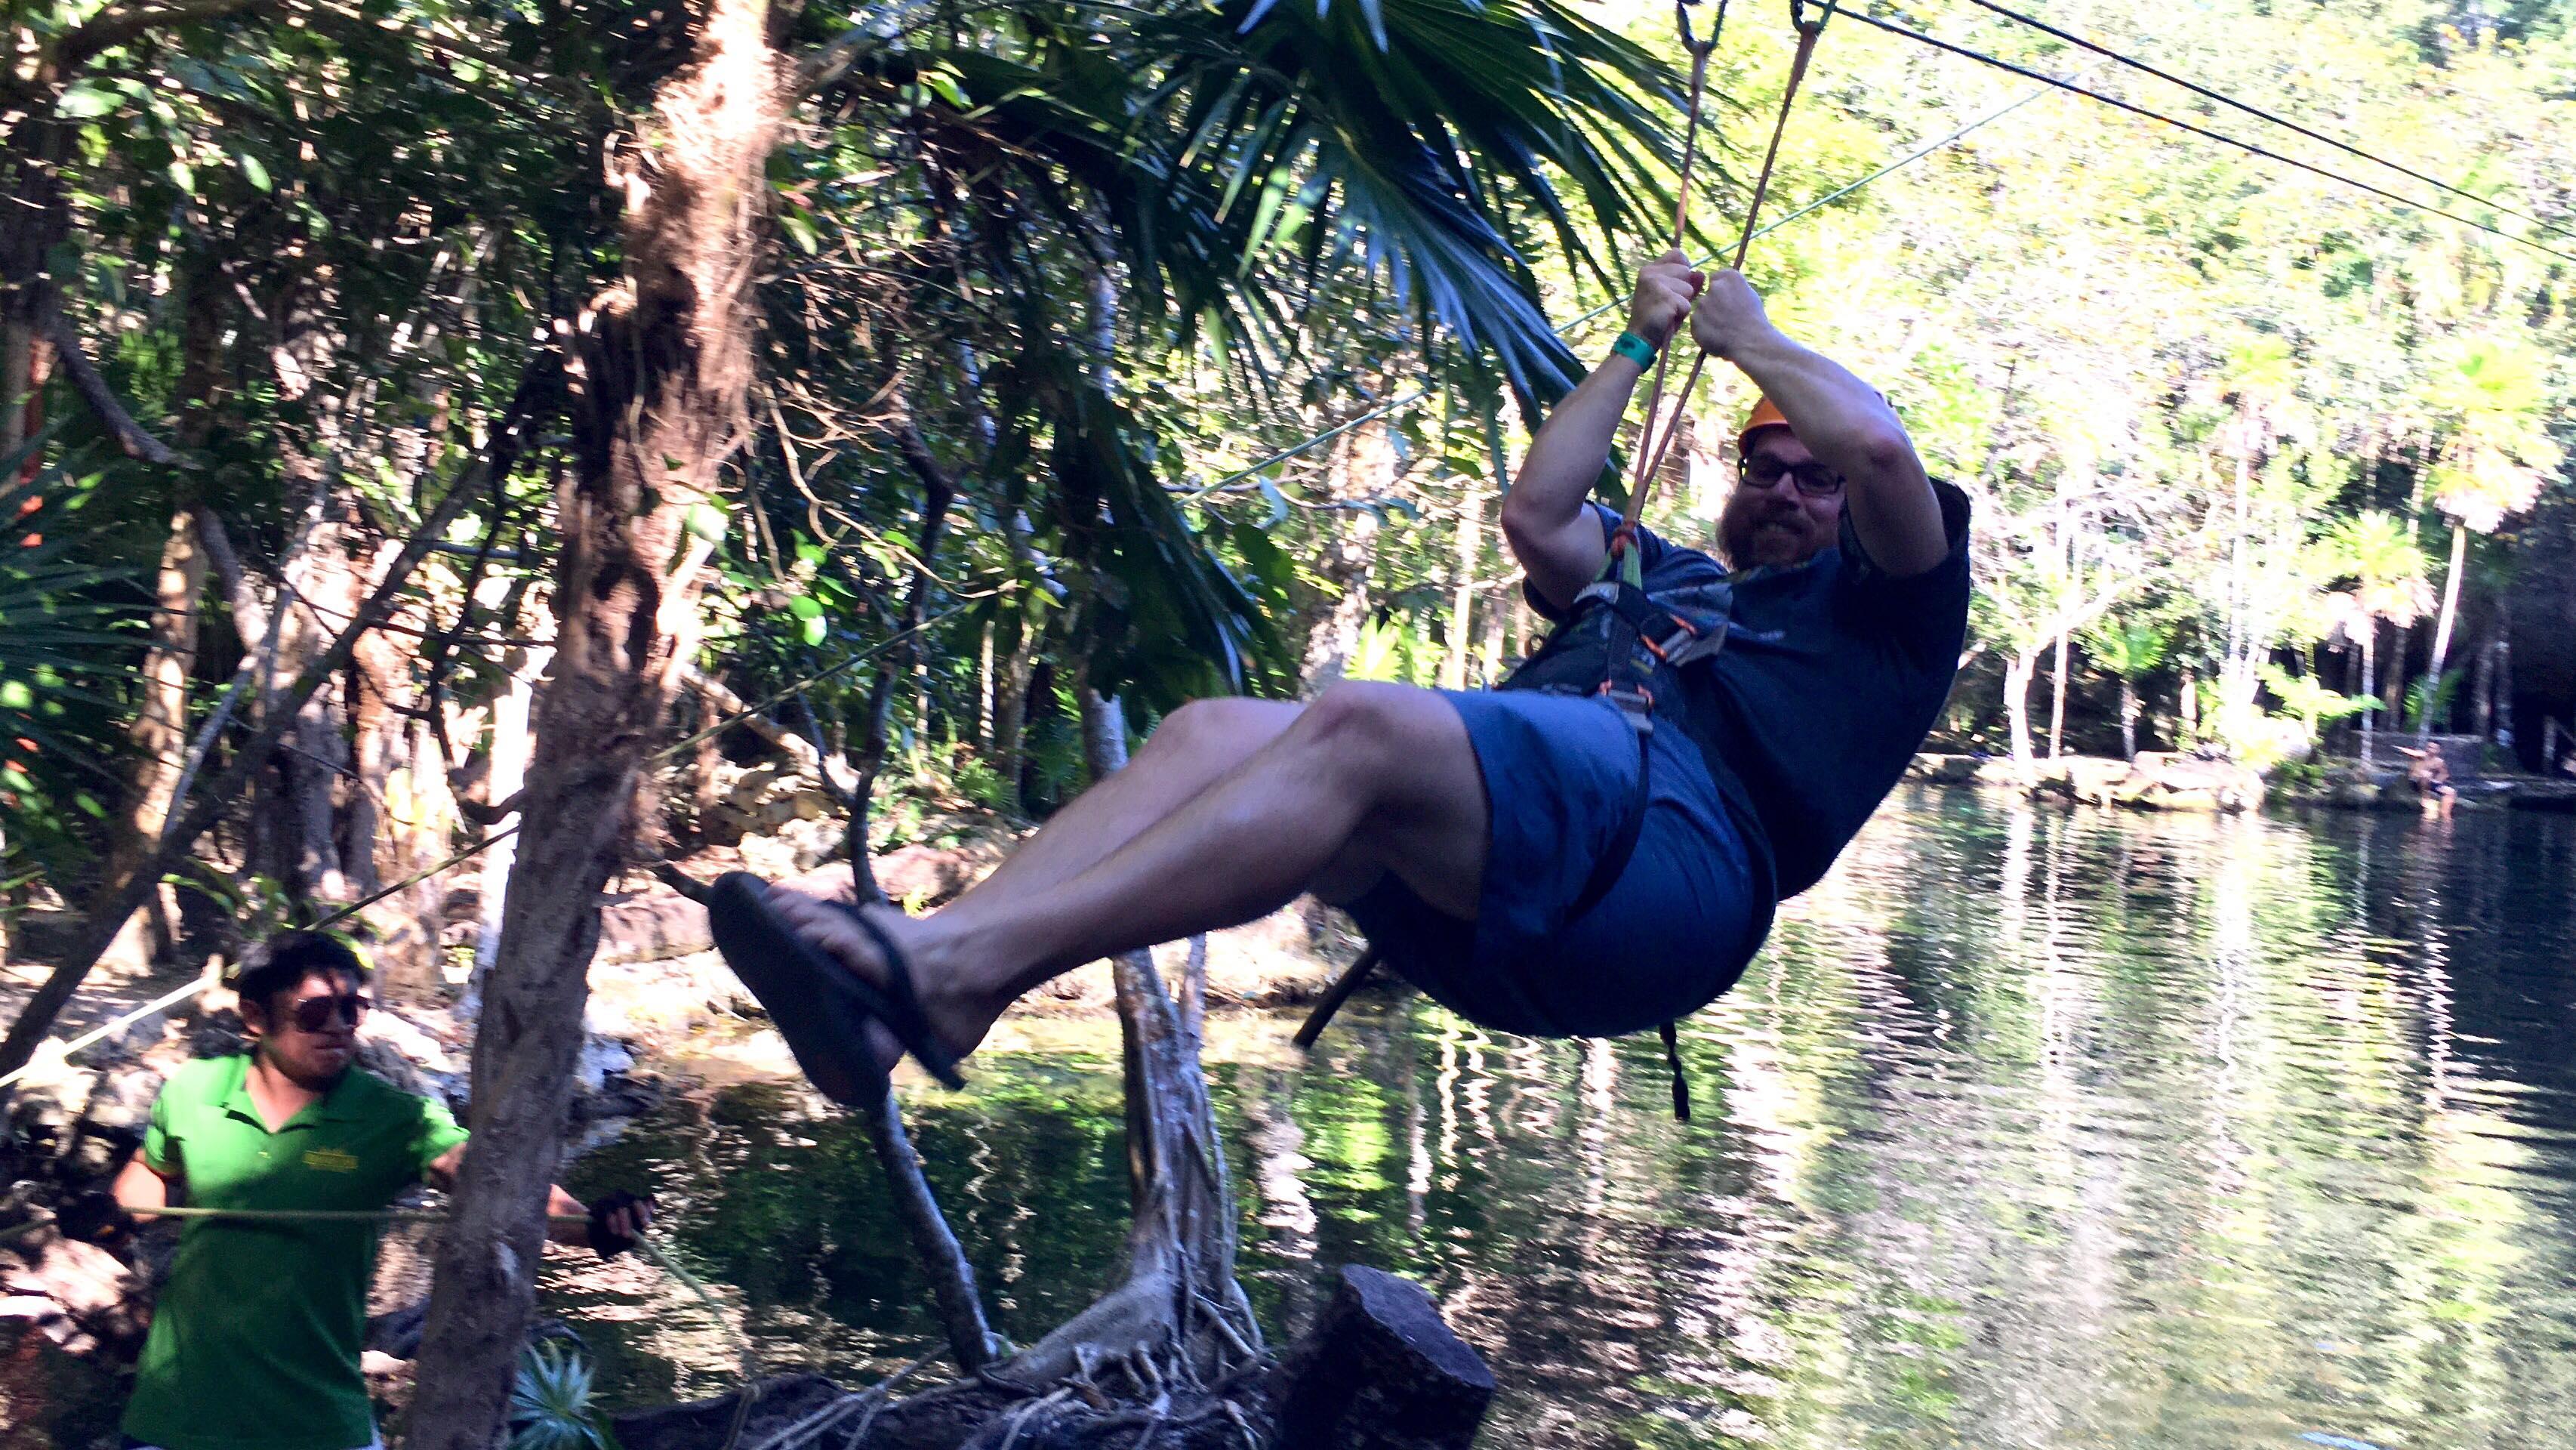 Jacob ziplining